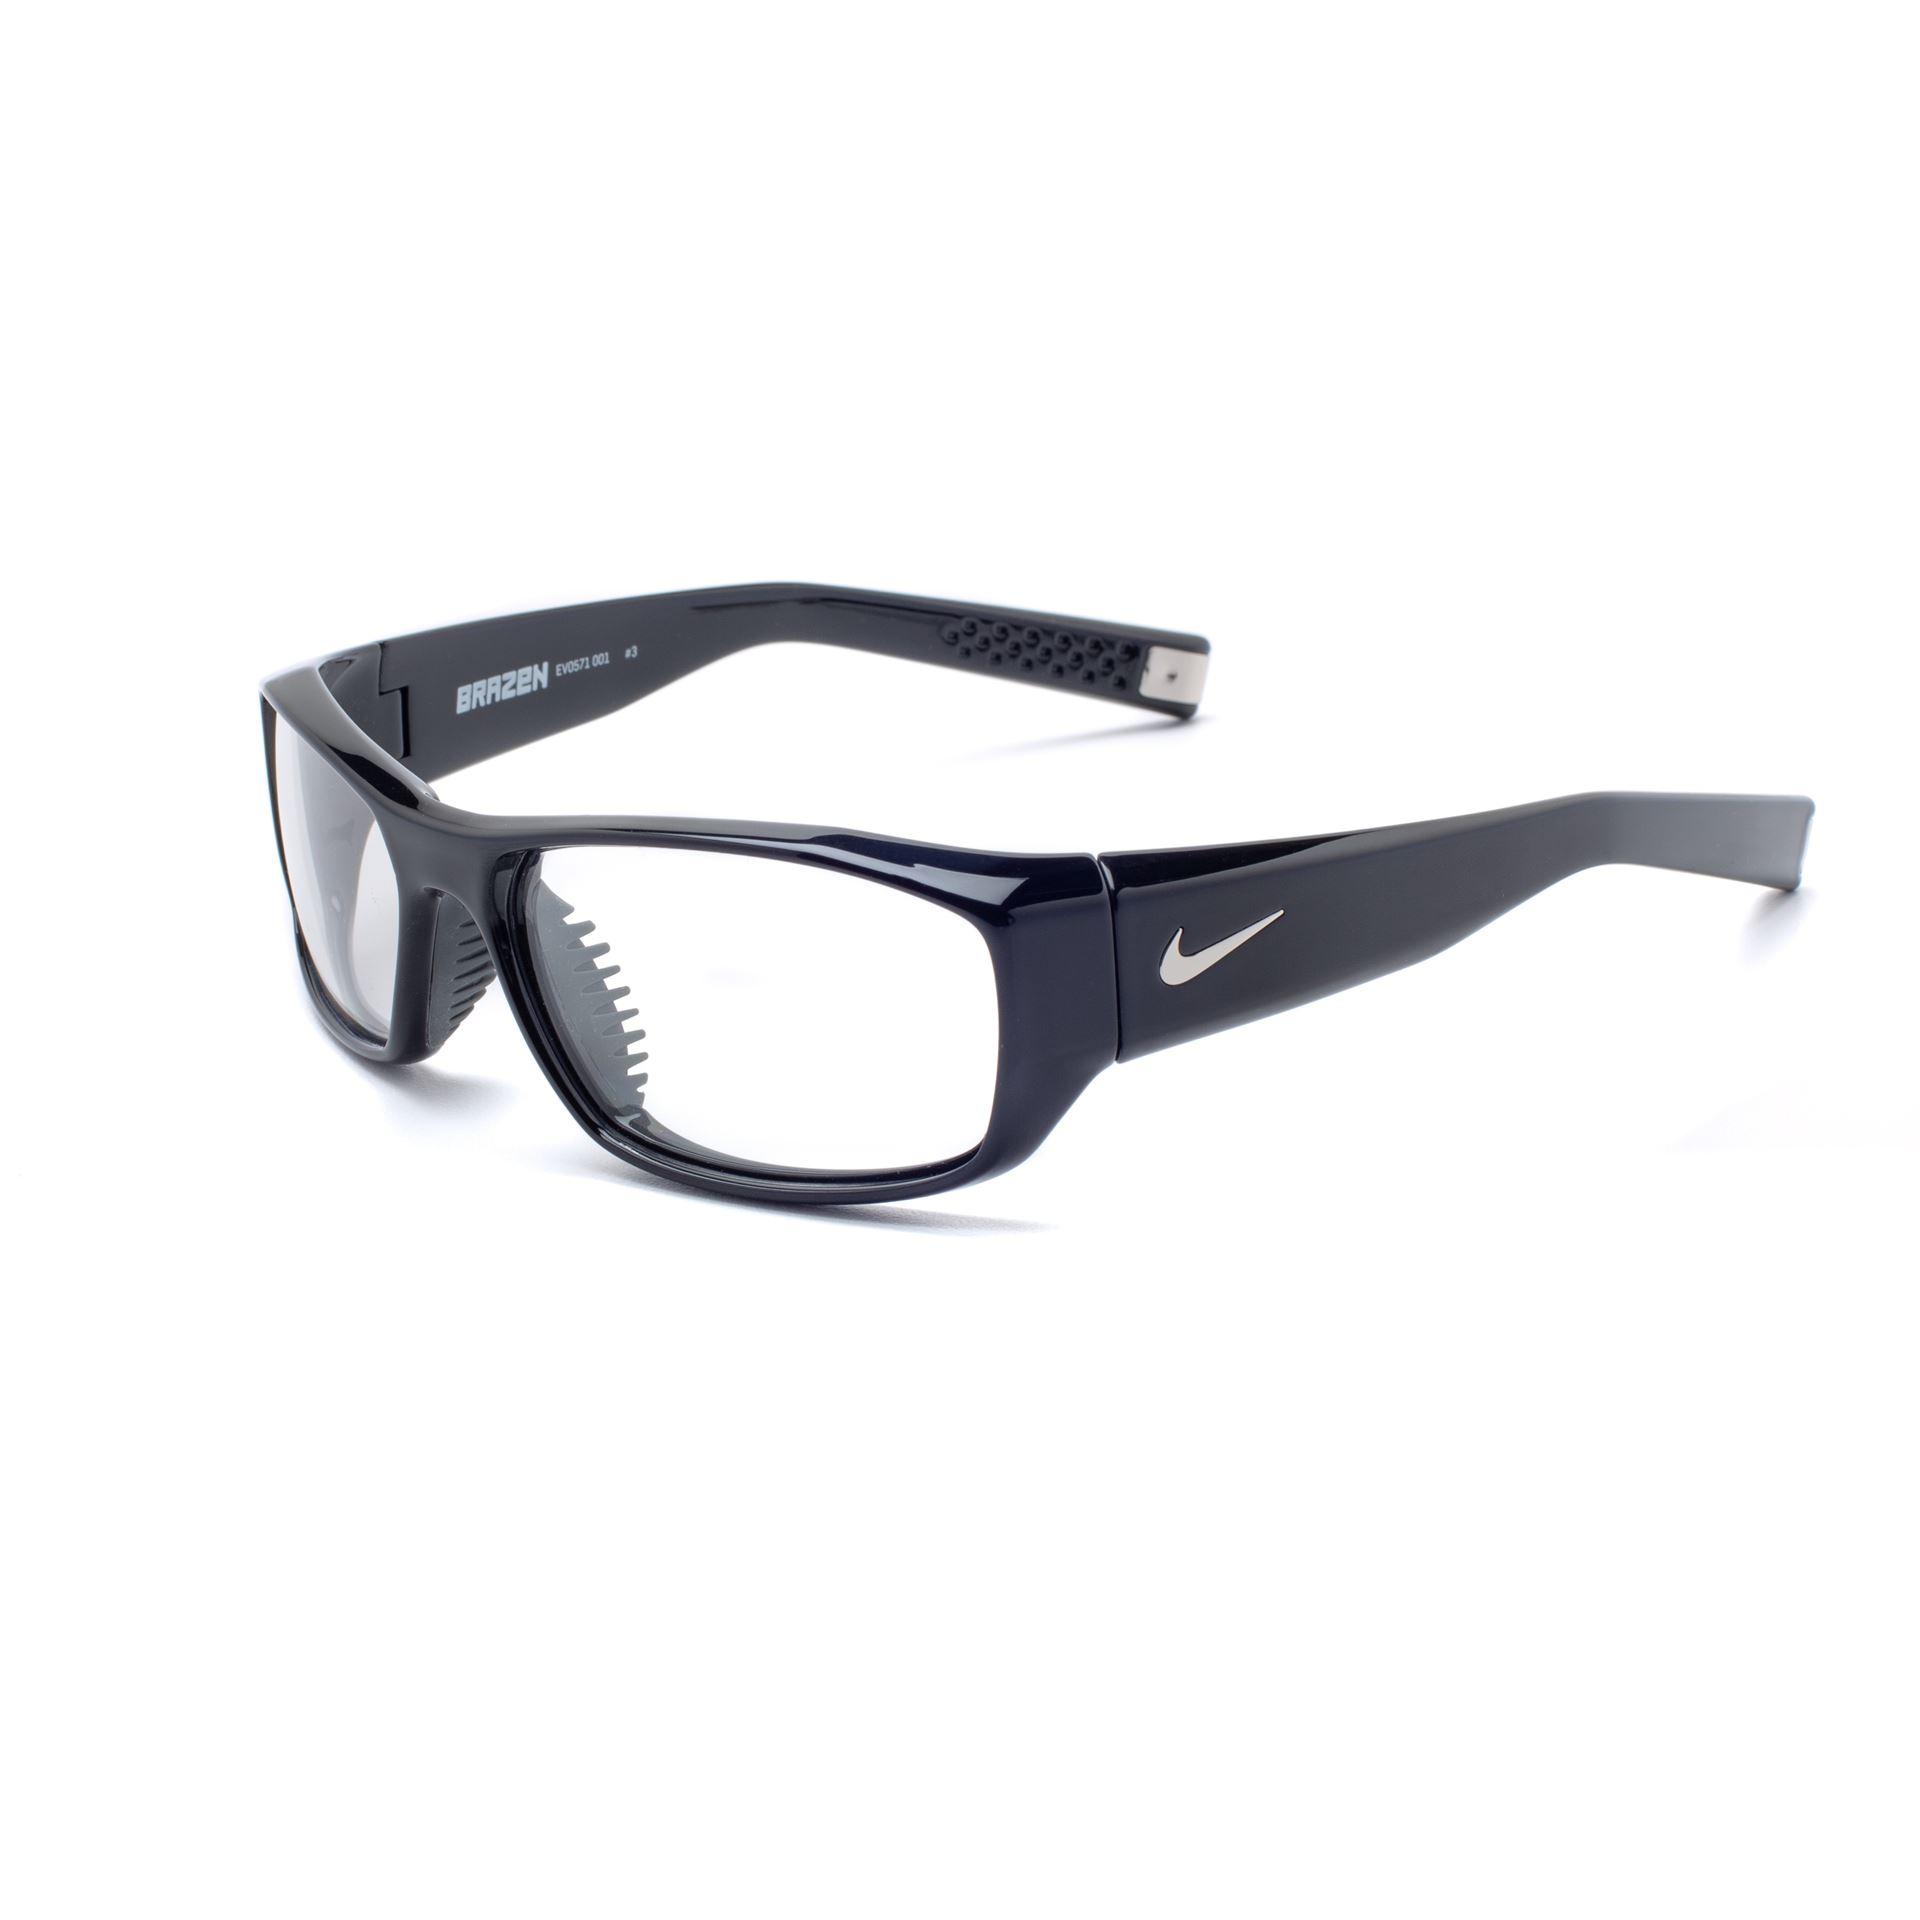 Röntgenschutzbrille Brazen